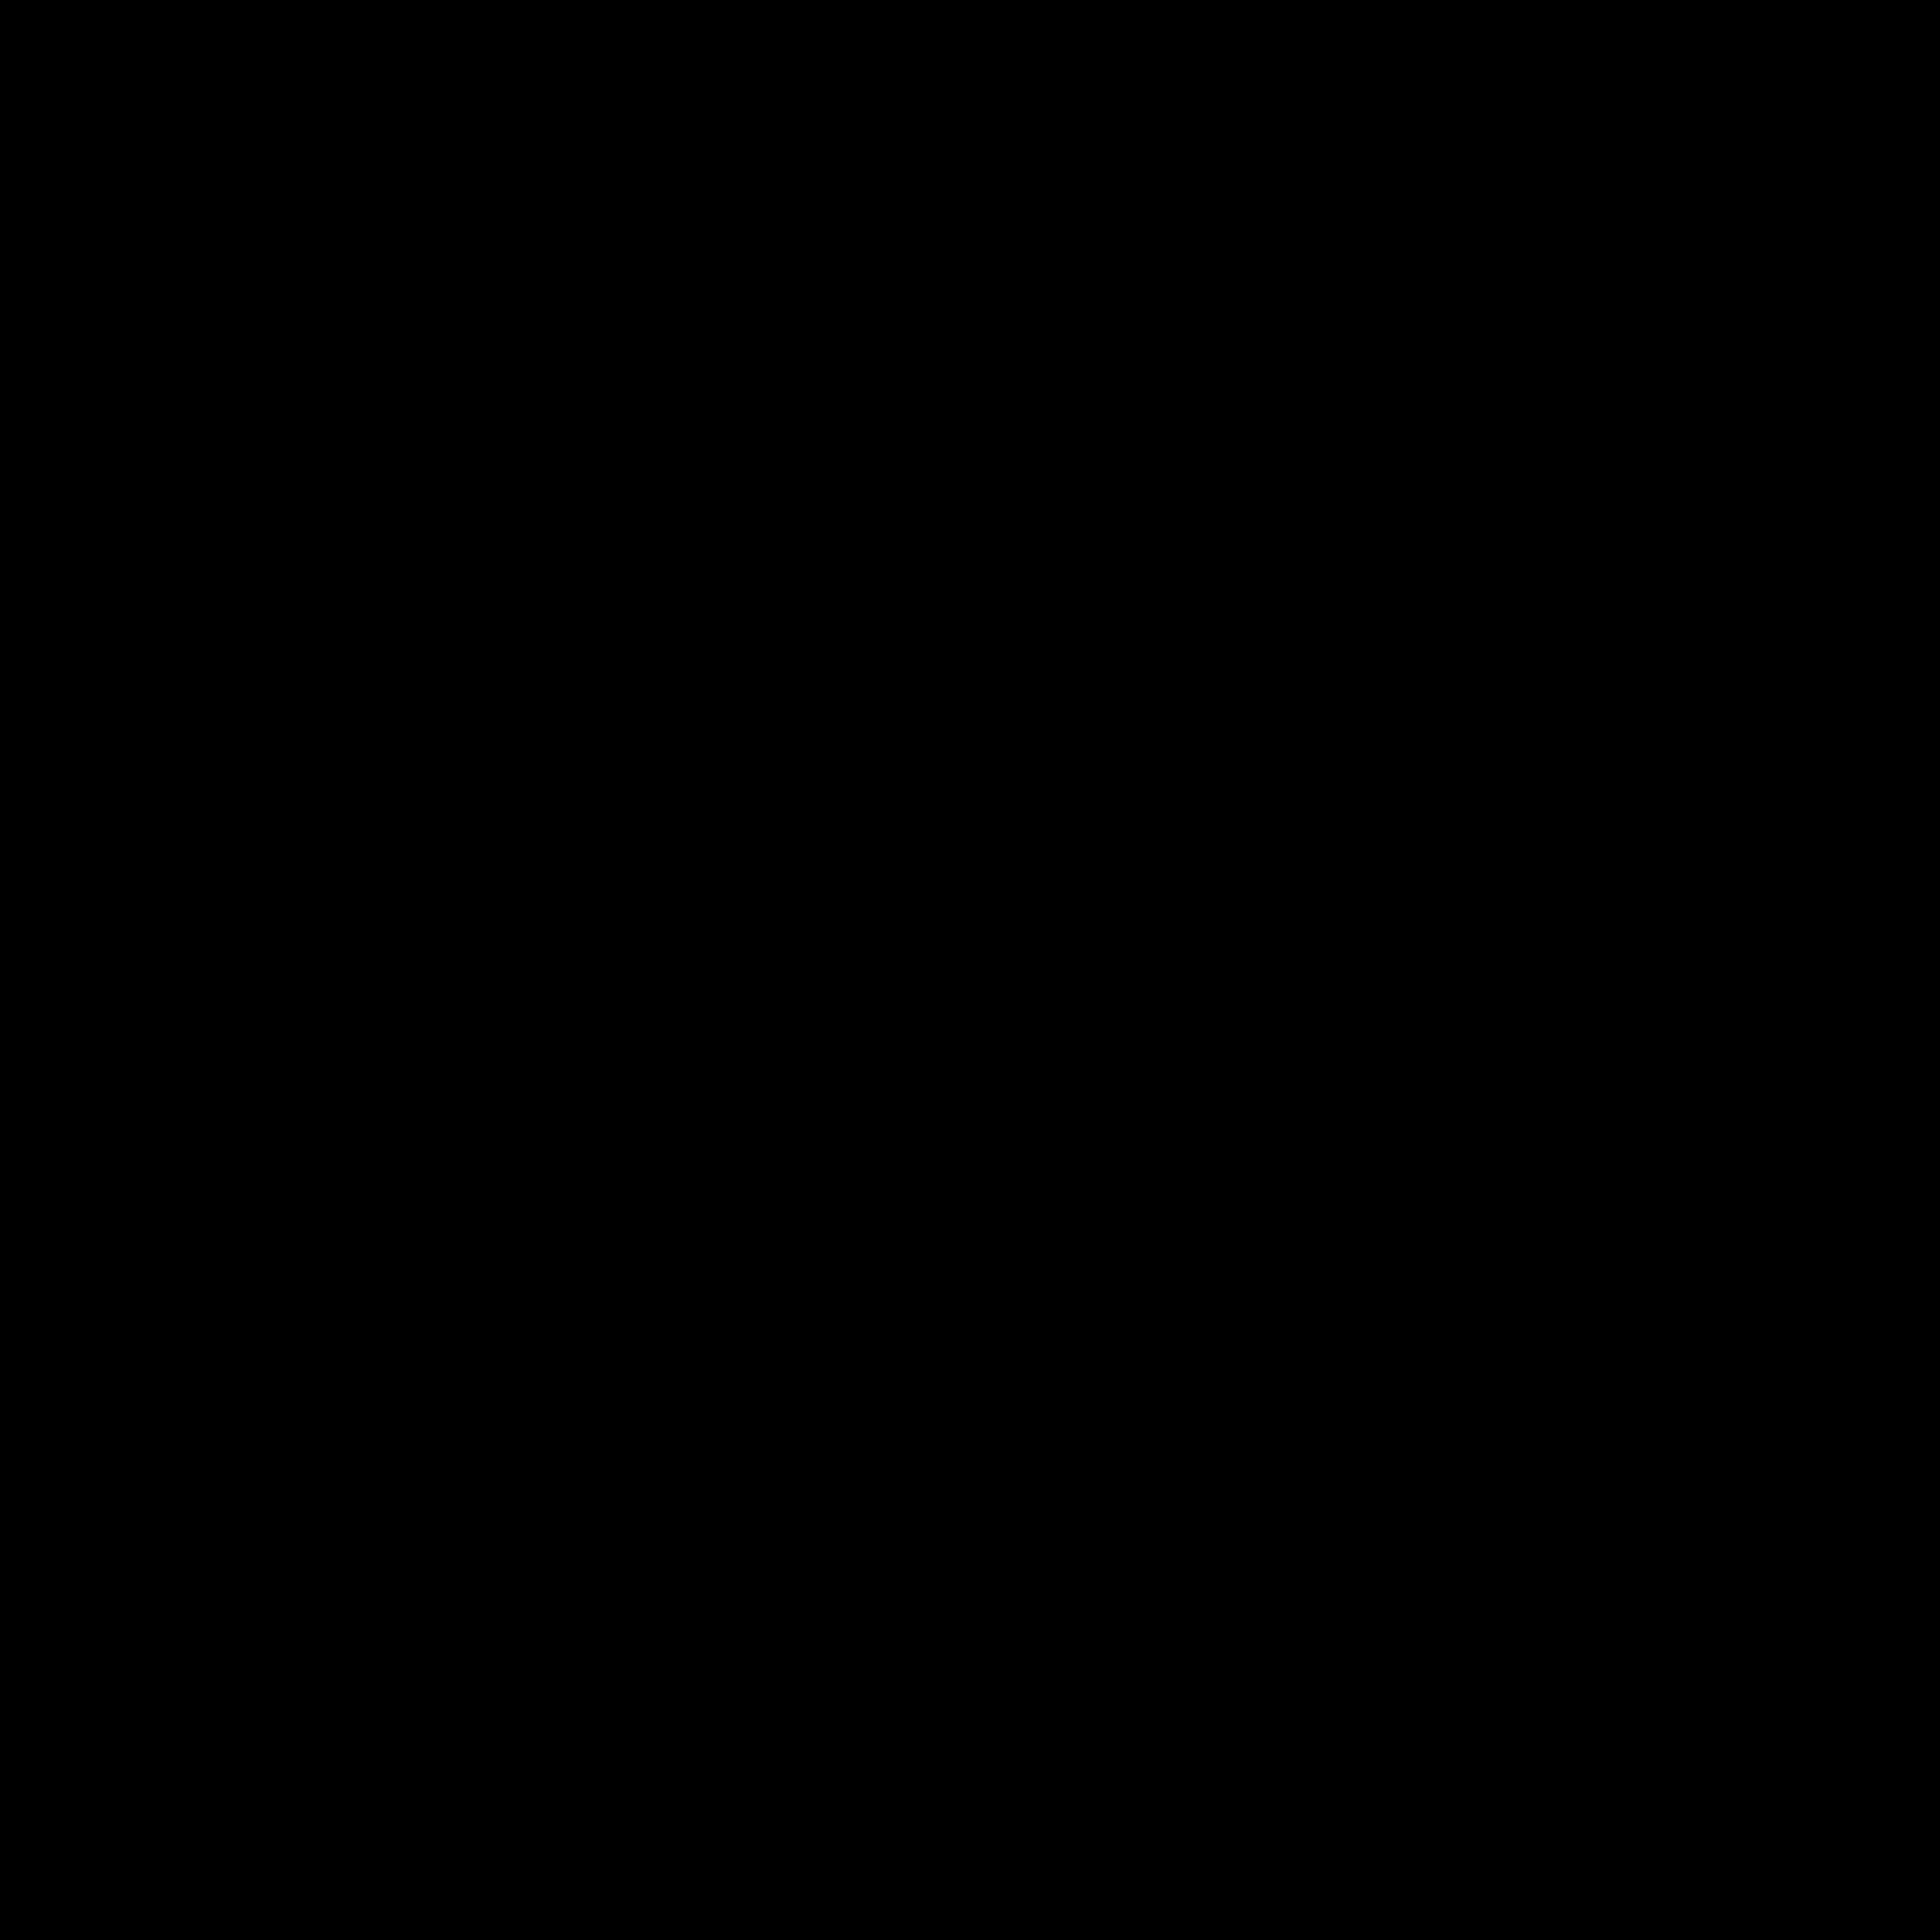 Caltrans Logo PNG Transparent & SVG Vector.